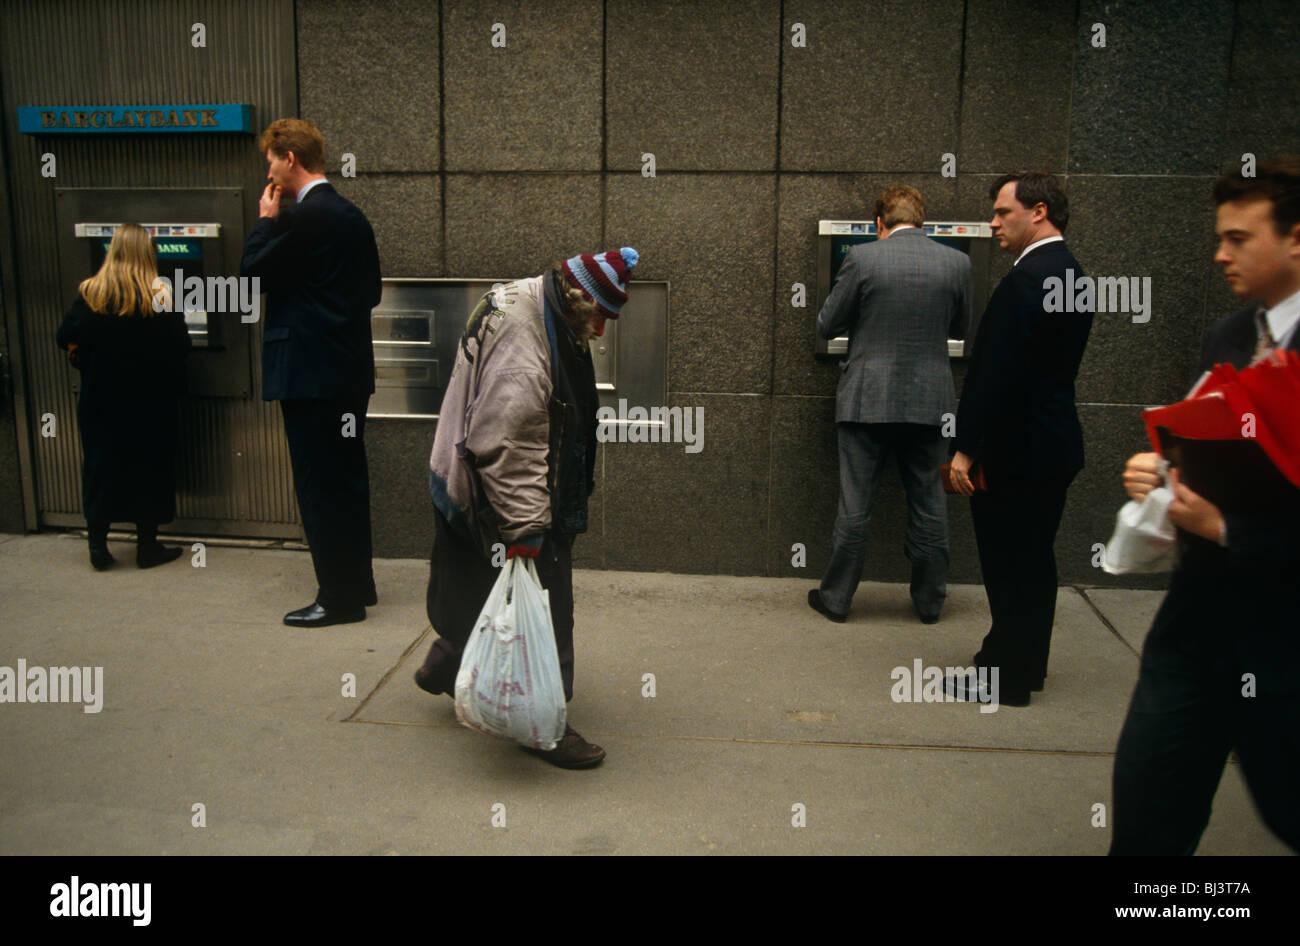 an-elderly-homeless-man-shuffles-past-a-